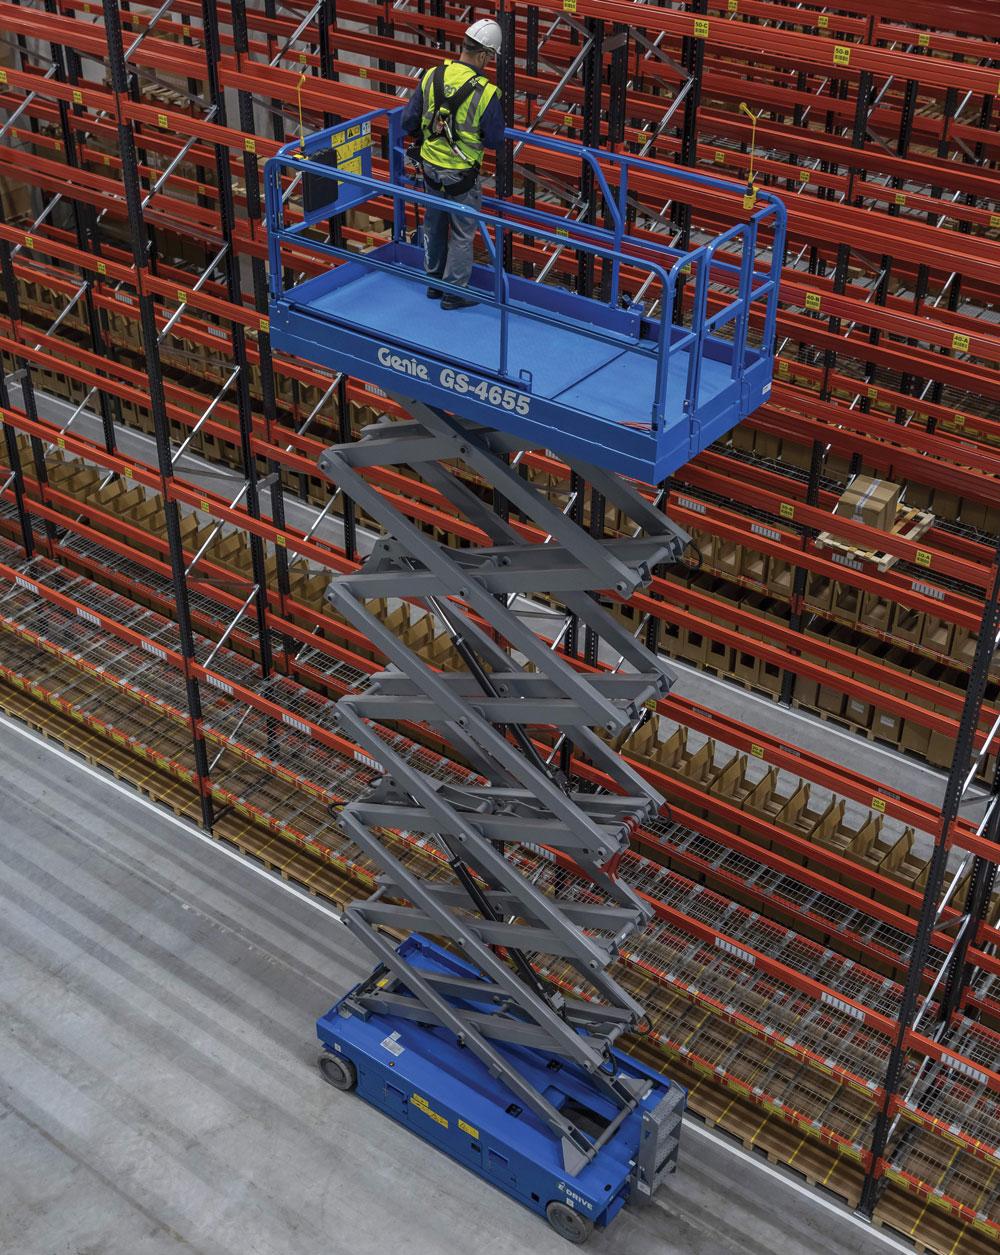 Genie GS4655 scissor lift